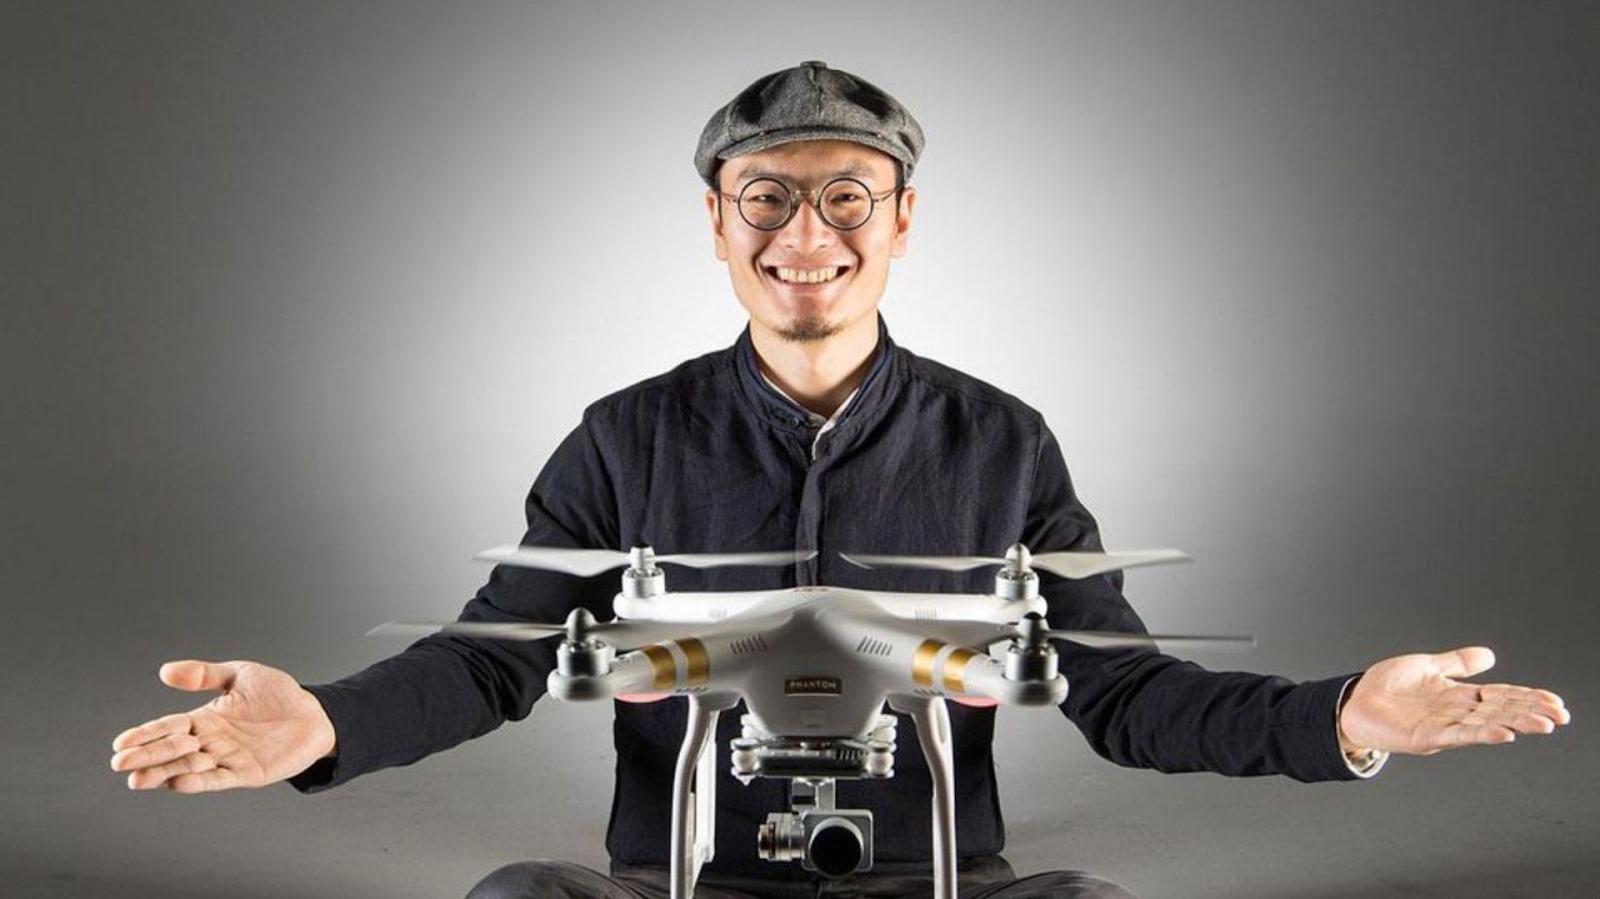 DJI FPV : le premier drone immersif pour débutants